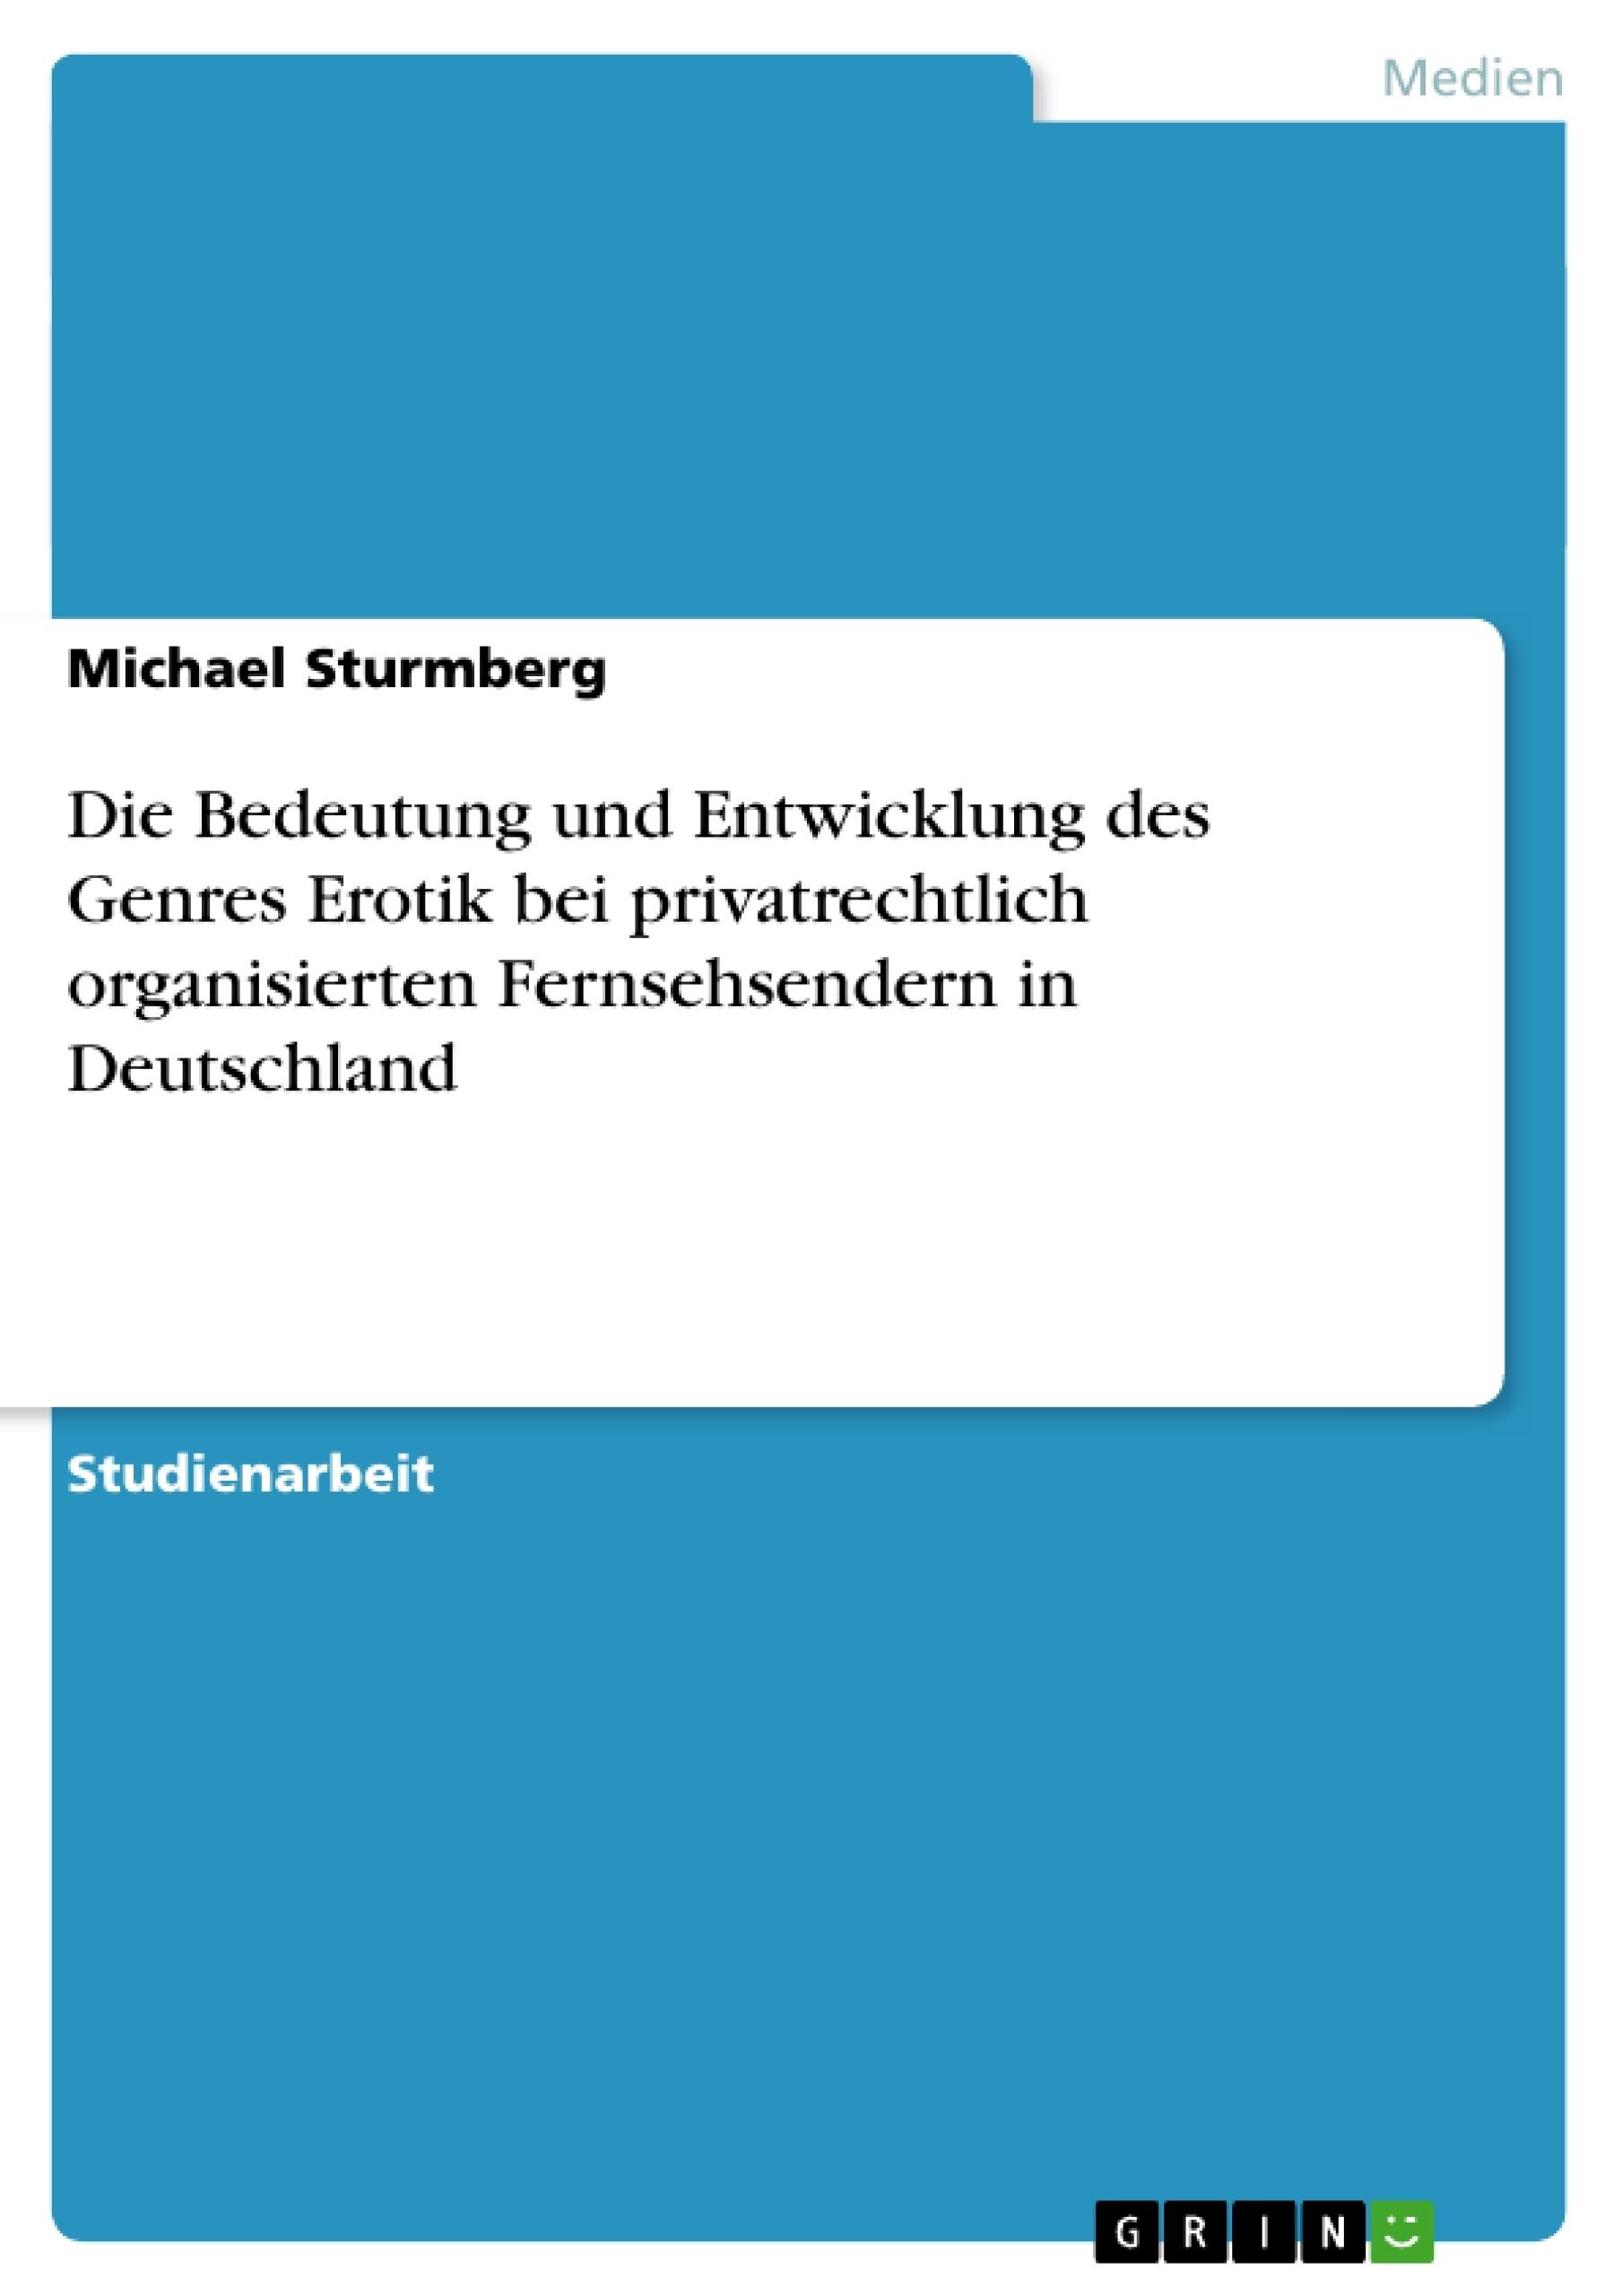 Titel: Die Bedeutung und Entwicklung des Genres Erotik bei privatrechtlich organisierten Fernsehsendern in Deutschland